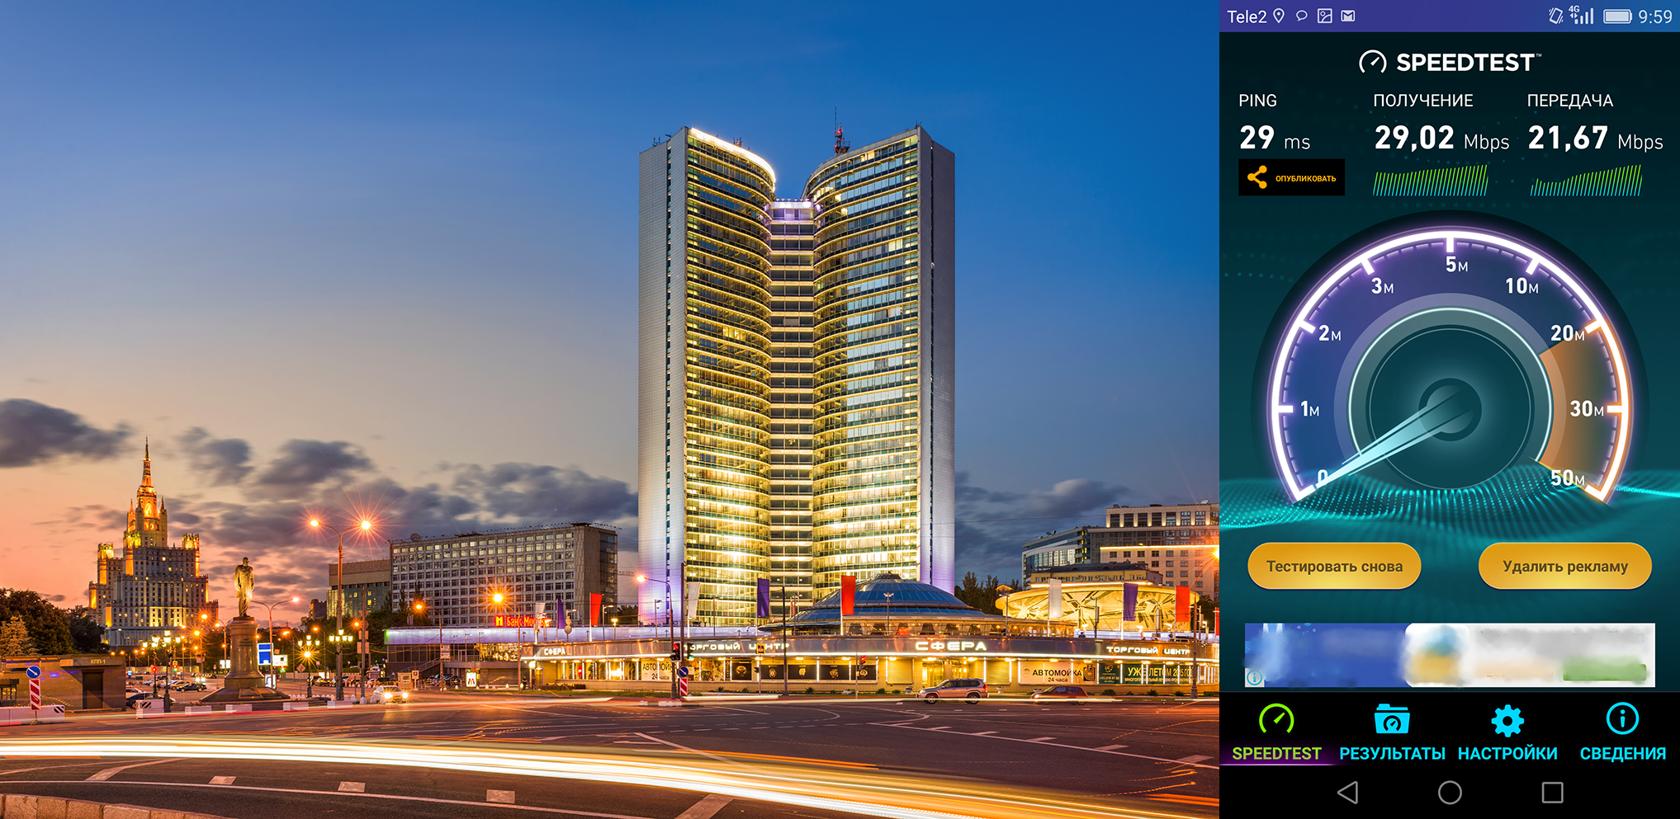 Tele2 в Москве: тестируем сеть нового оператора